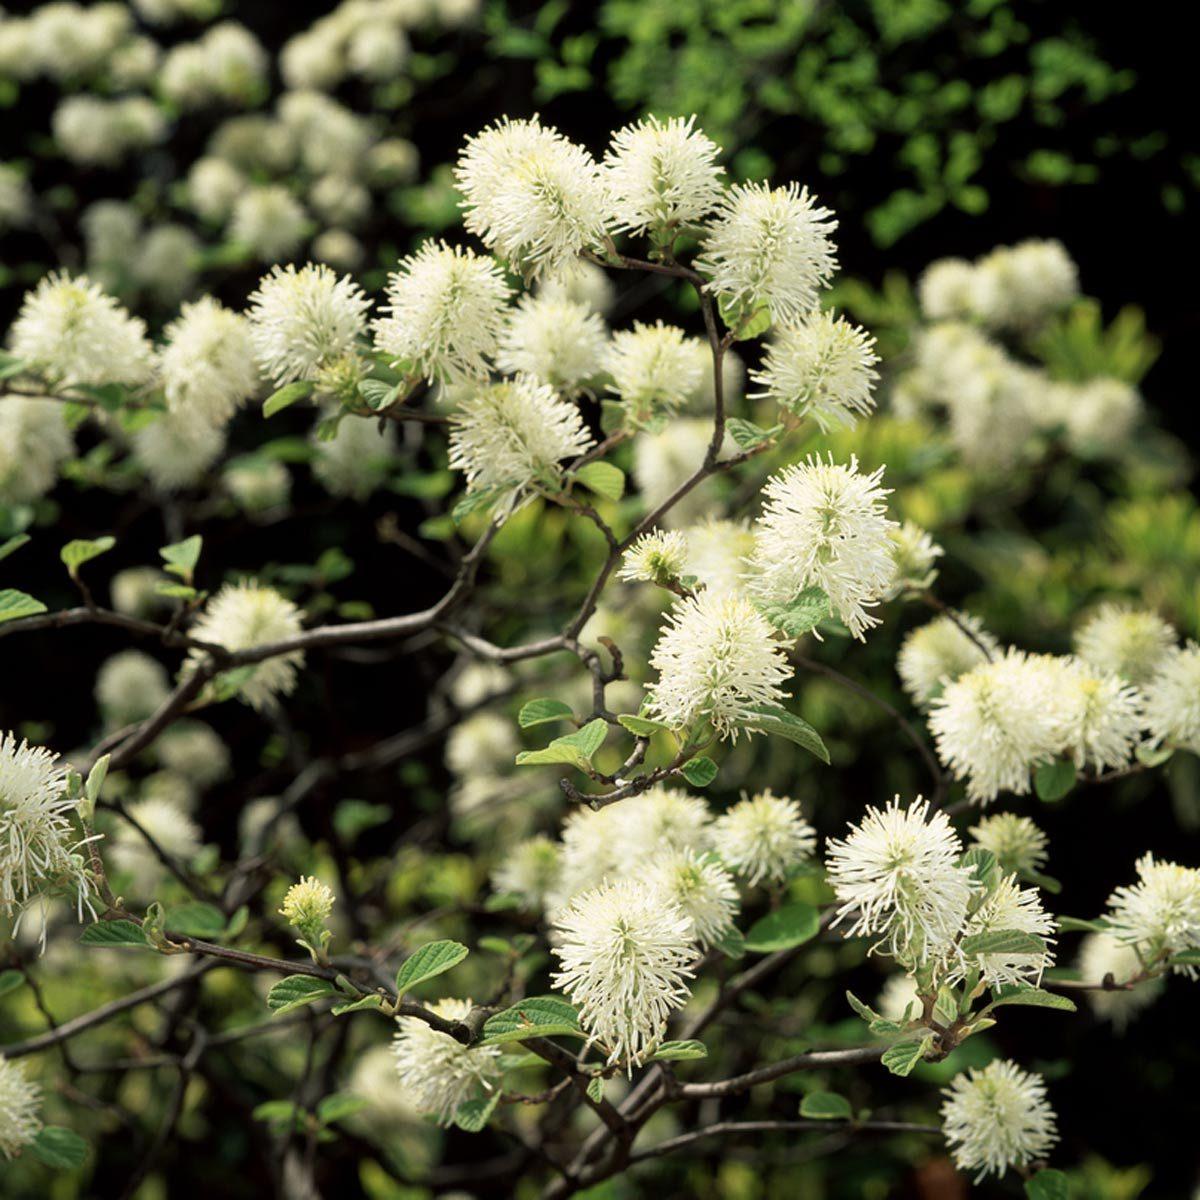 Fothergilla flowering shrub